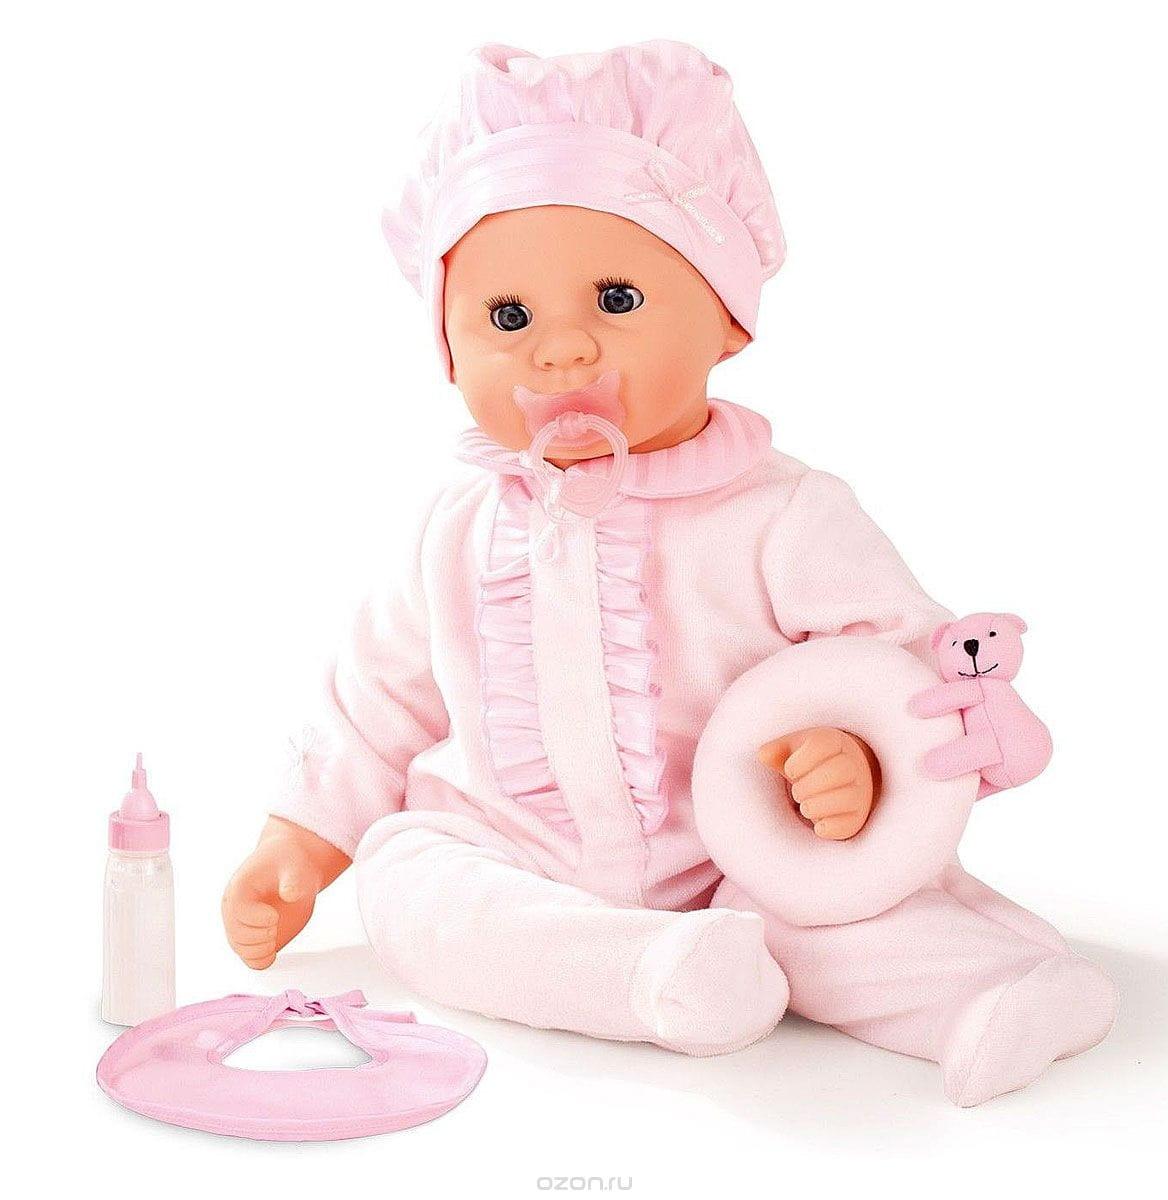 Кукла-пупс GOTZ Cookie Малыш - 48 см (с дополнительными аксессуарами)